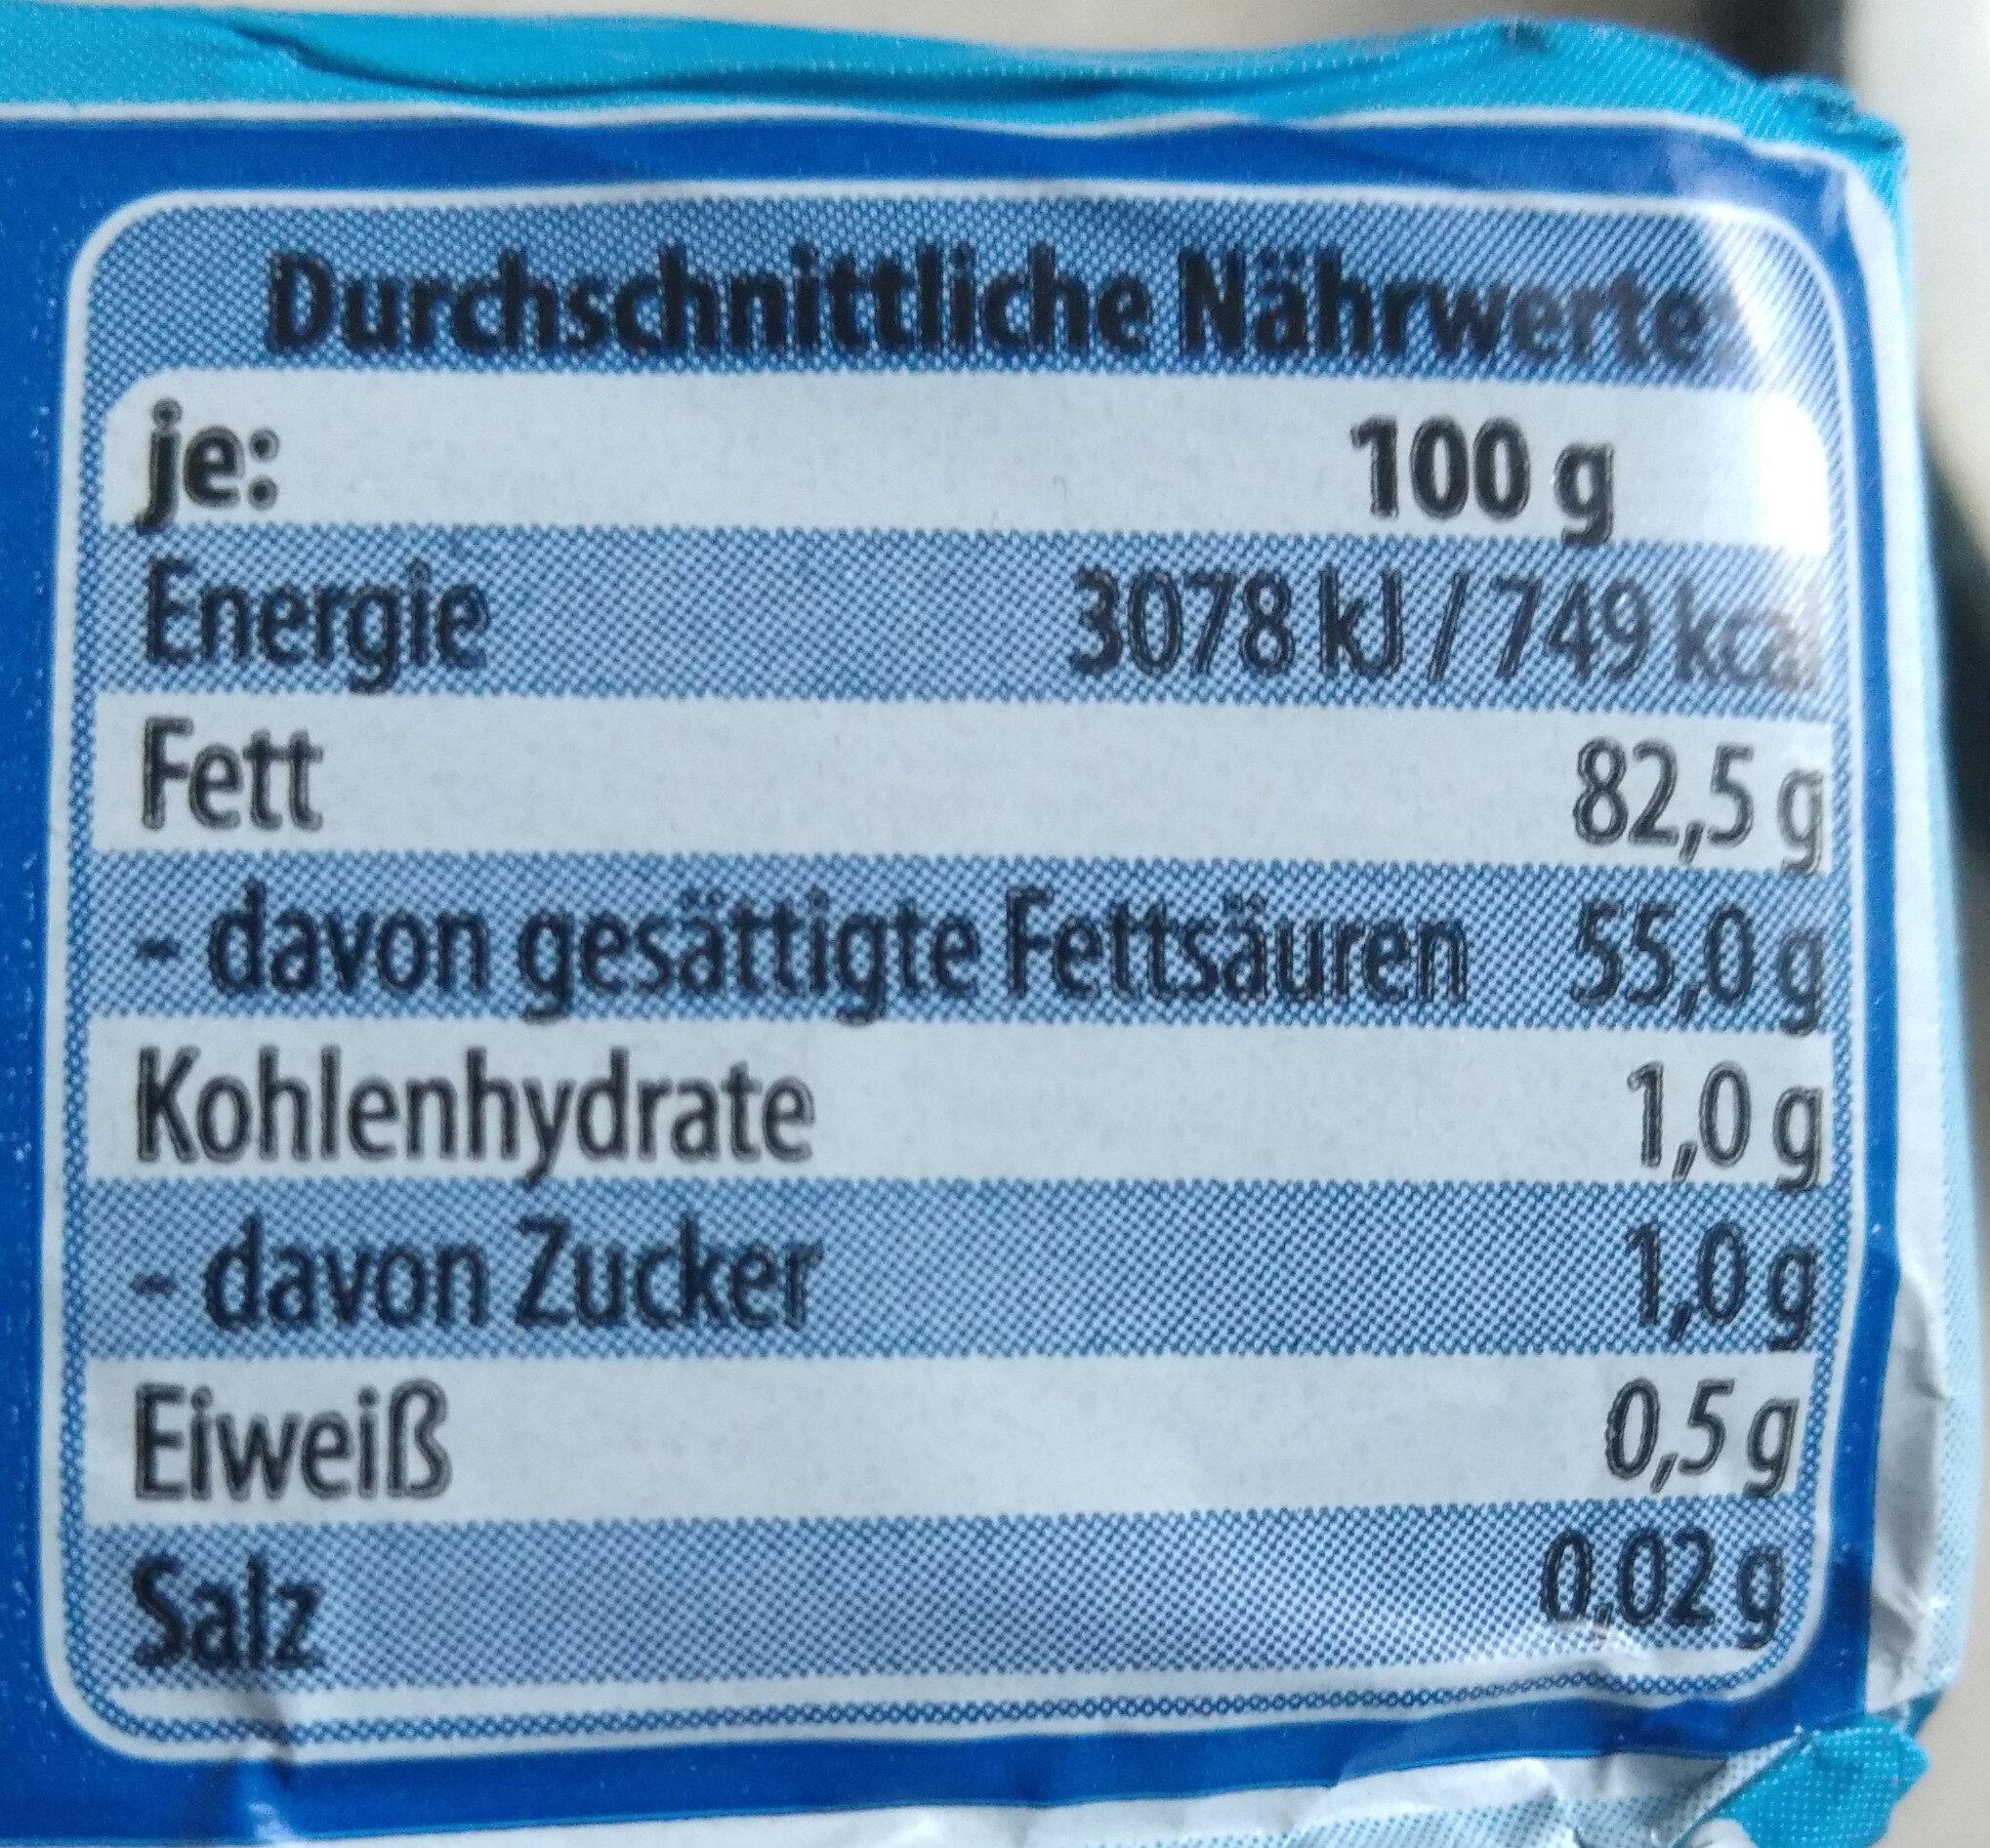 Deutsche Markenbutter mild gesäuert - Nutrition facts